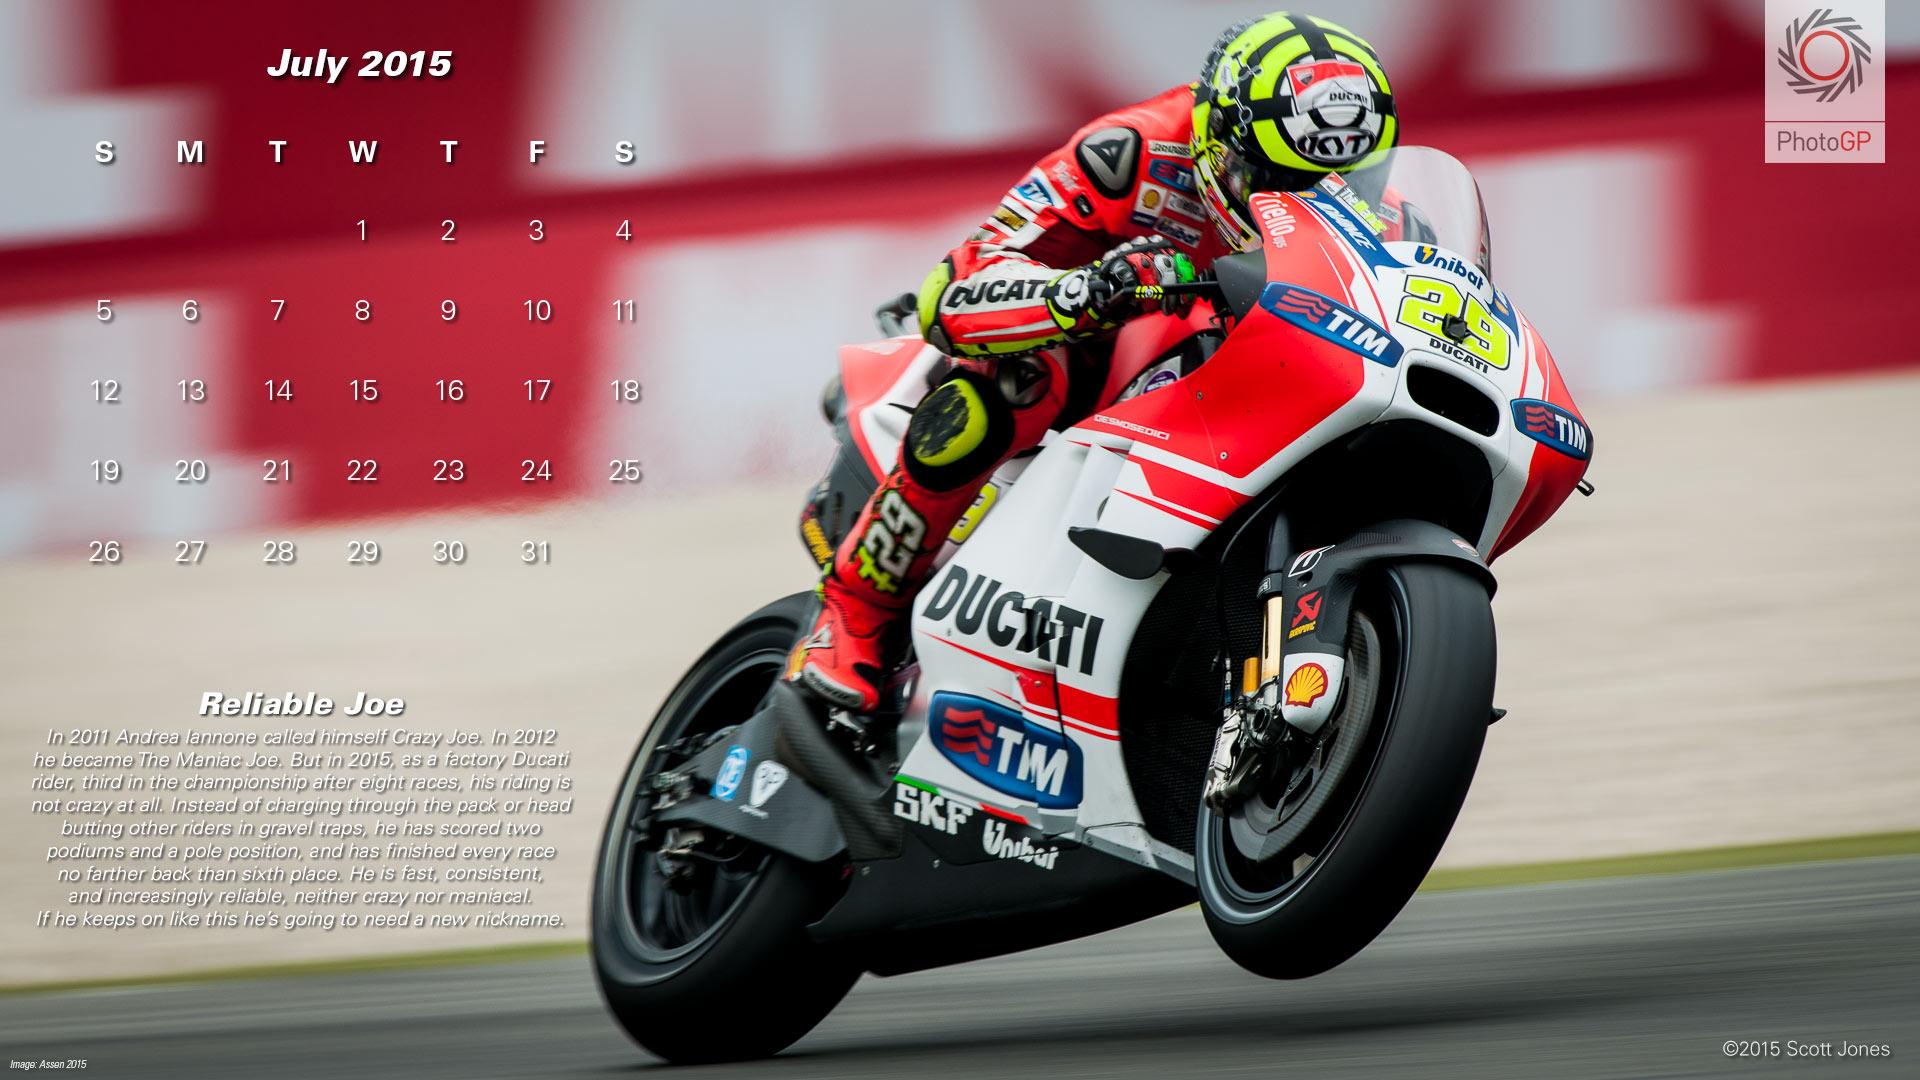 Календарь в стиле MotoGP на июль 2015 года от фотографа Скотта Джонса